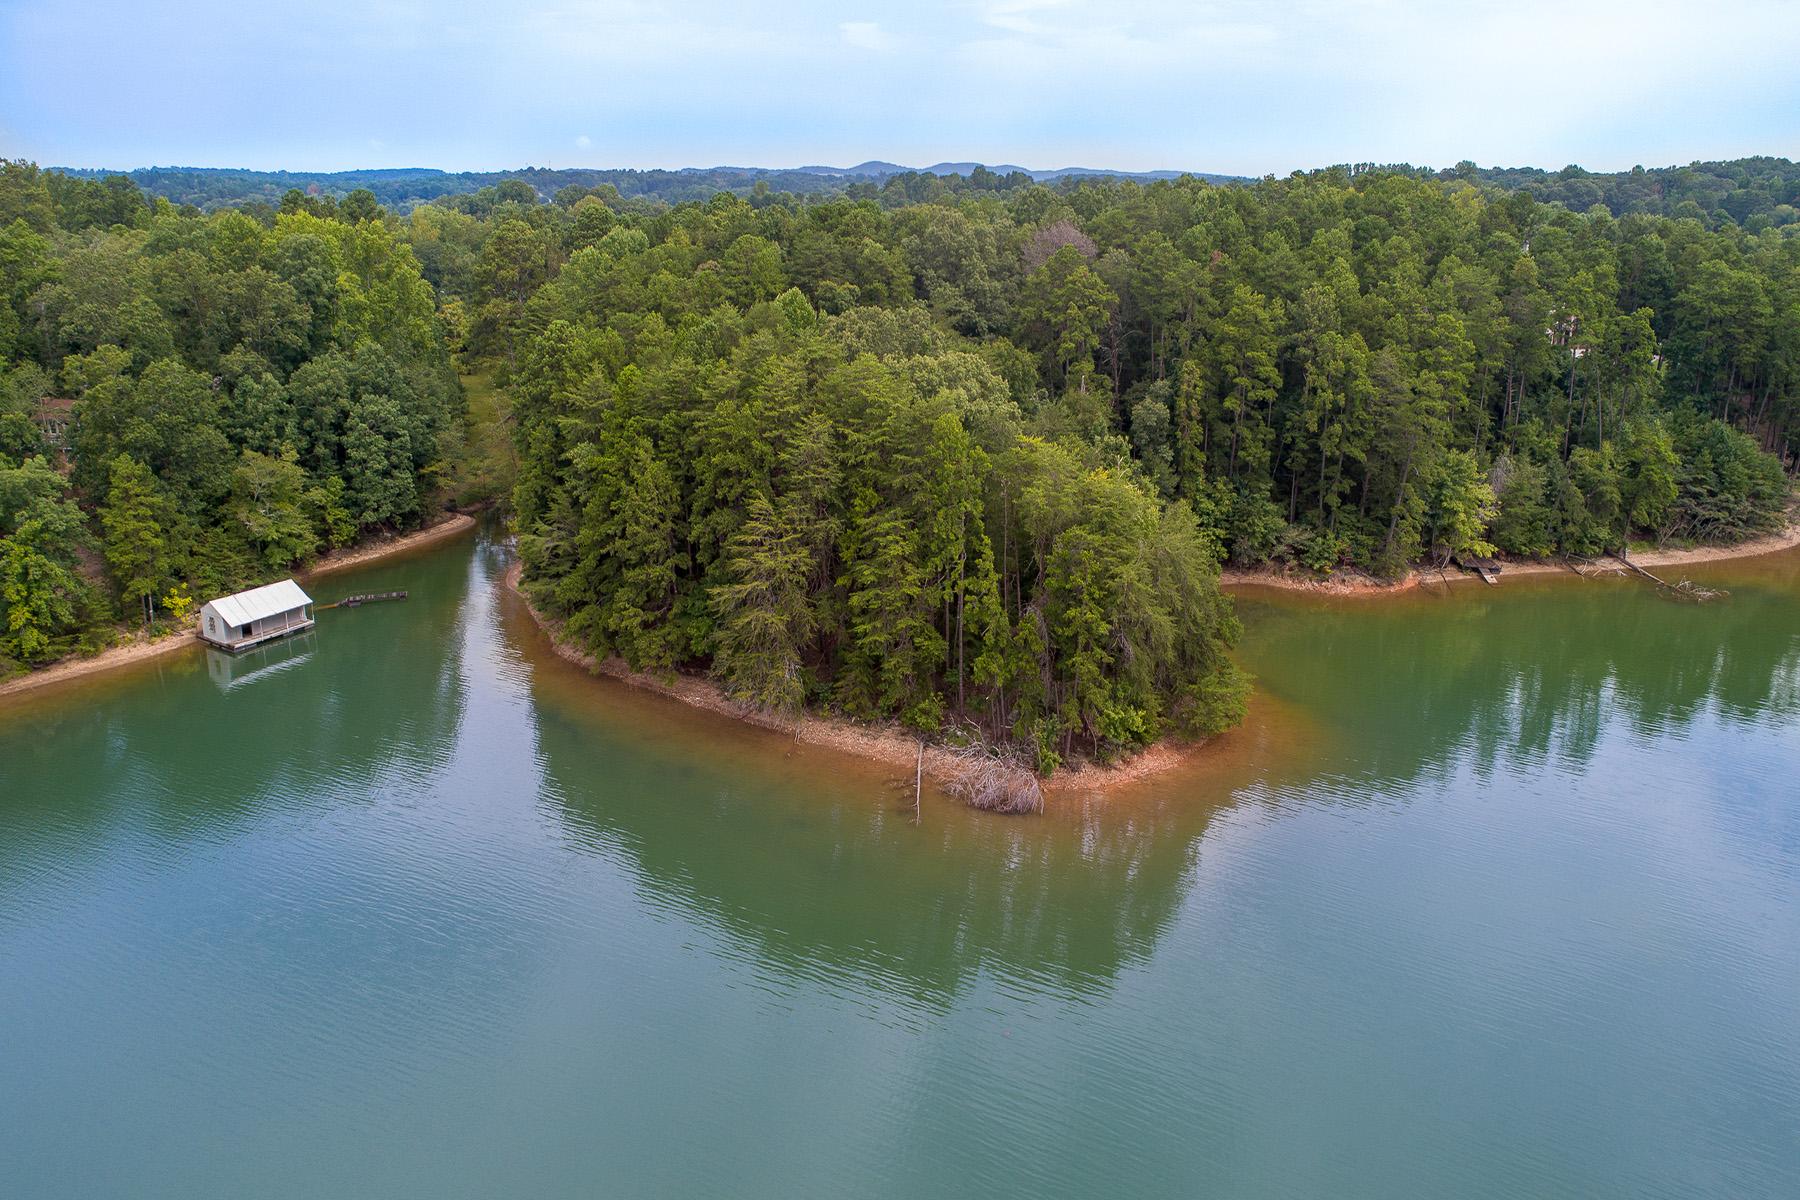 Terrain pour l Vente à Lake Lanier Acreage With Two Boat Dock Permits 7385 Heard Road, Cumming, Georgia 30041 États-Unis